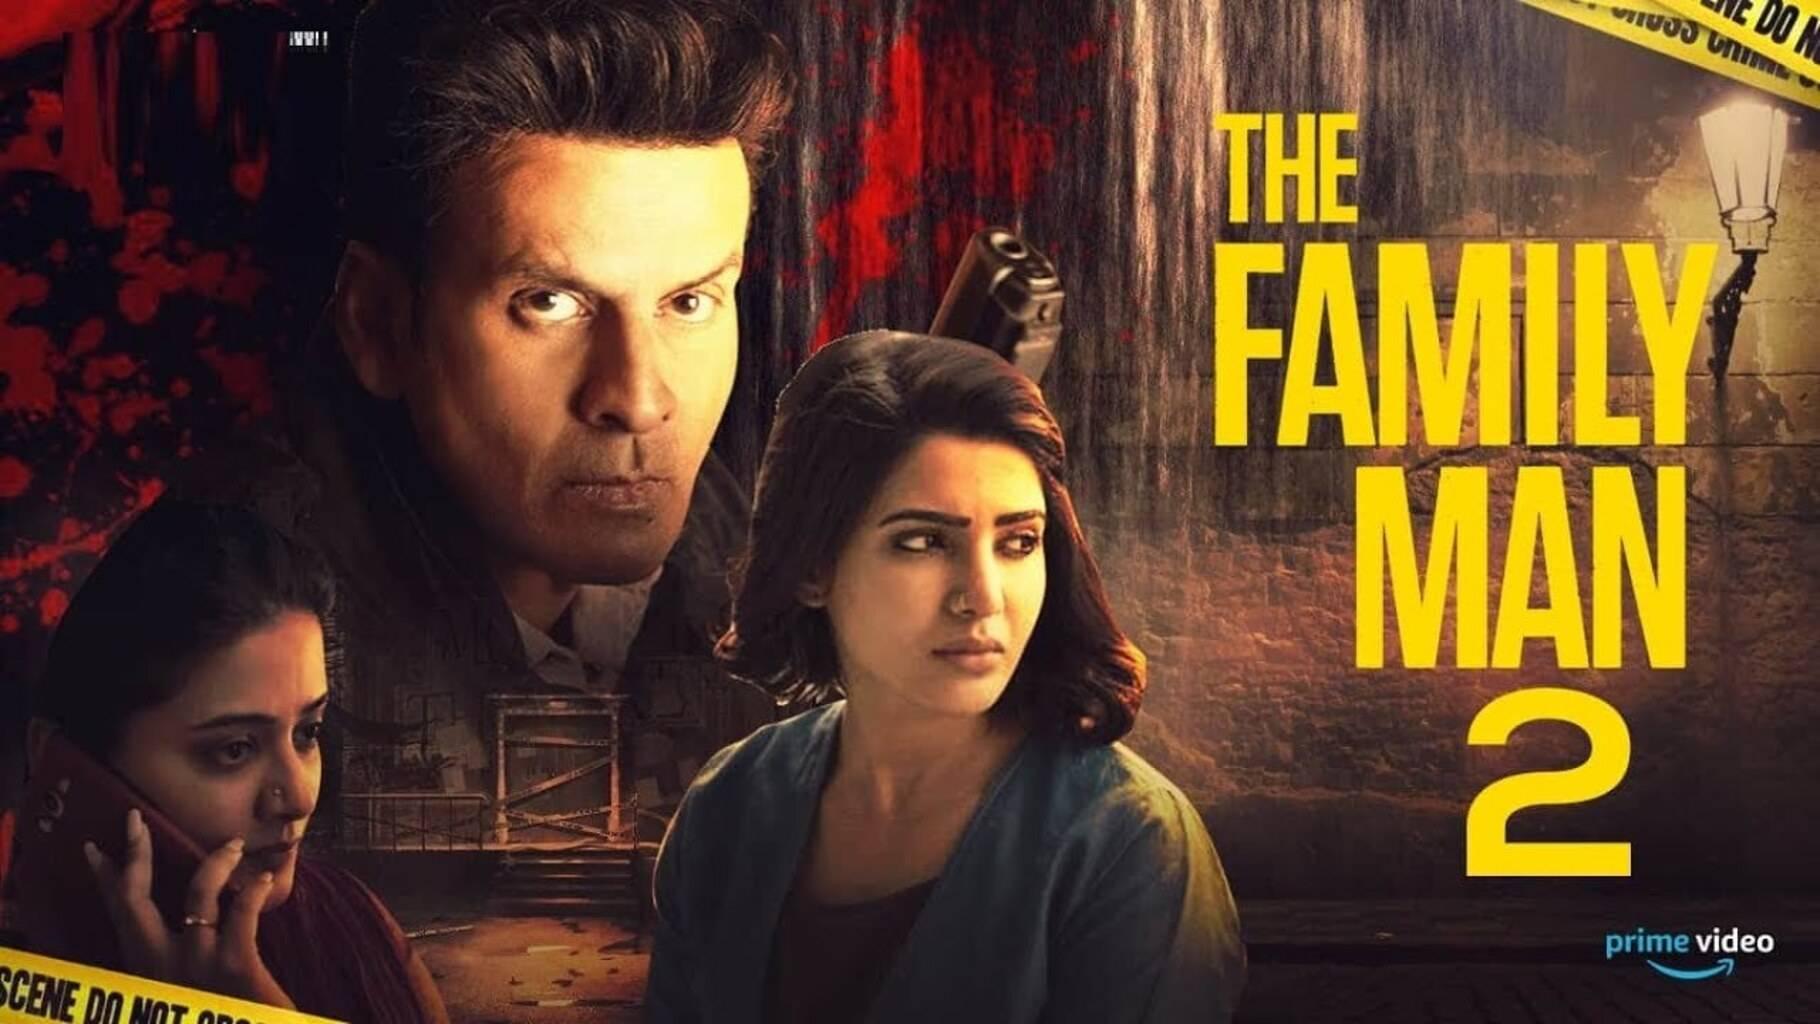 मनोज बाजपेयी की वेब सीरीज The Family Man 2 रिलीज डेट को लेकर खबरें आने लगी हैं - The Family Man 2 release date, Amazon prime video web series The Family Man